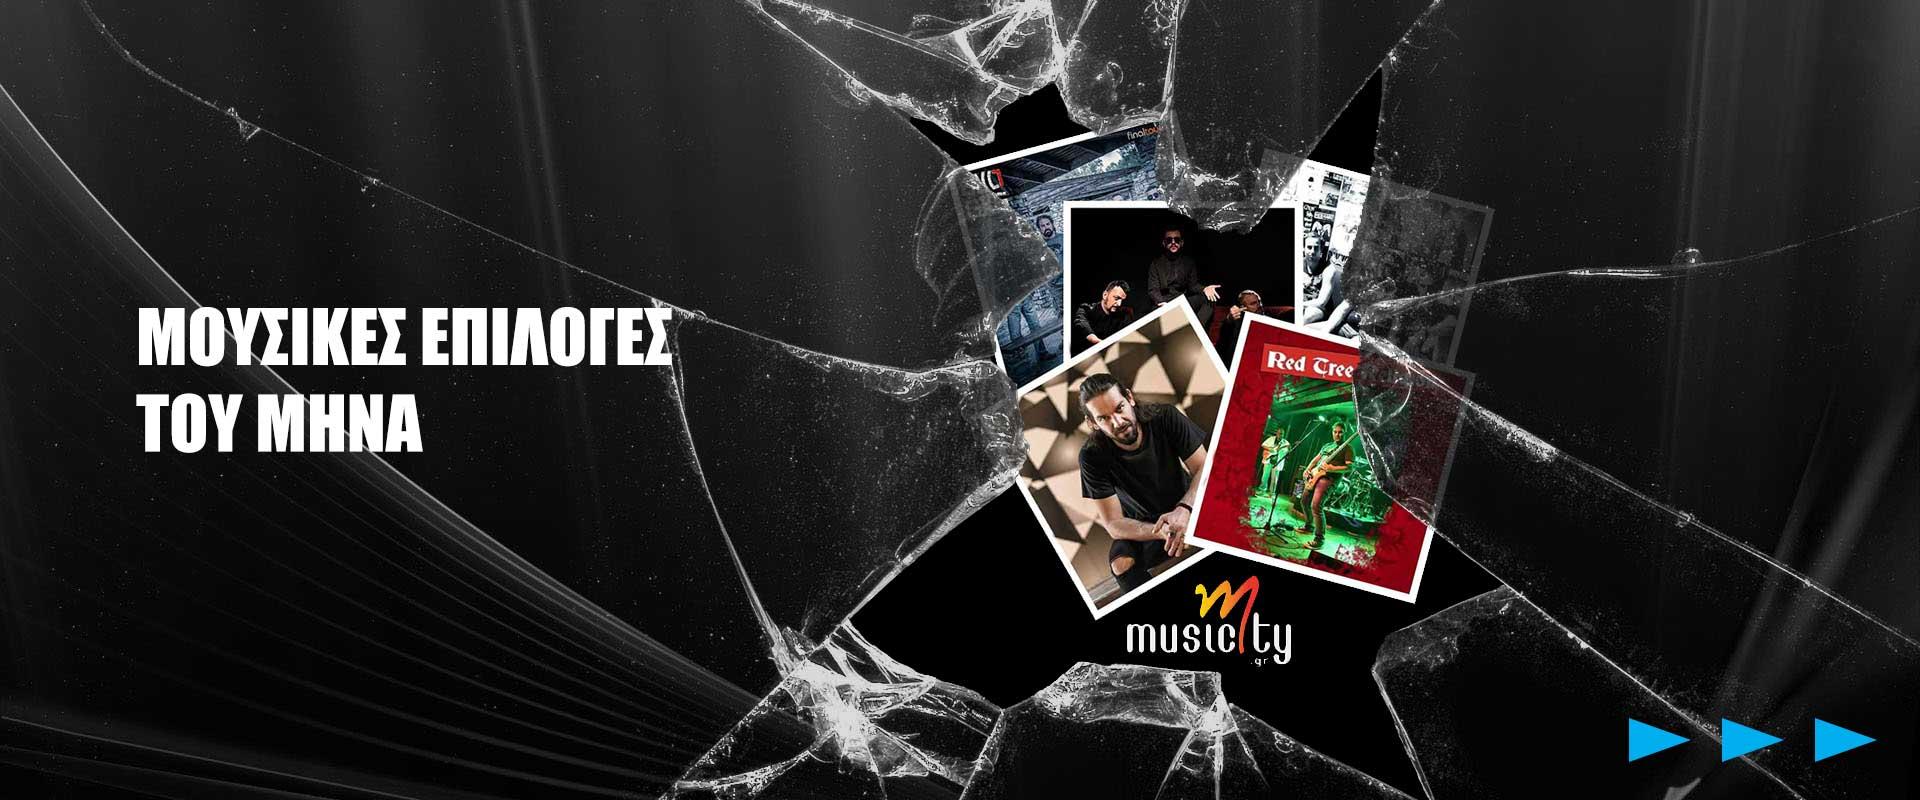 Δες τα τραγούδια στο musicity.gr